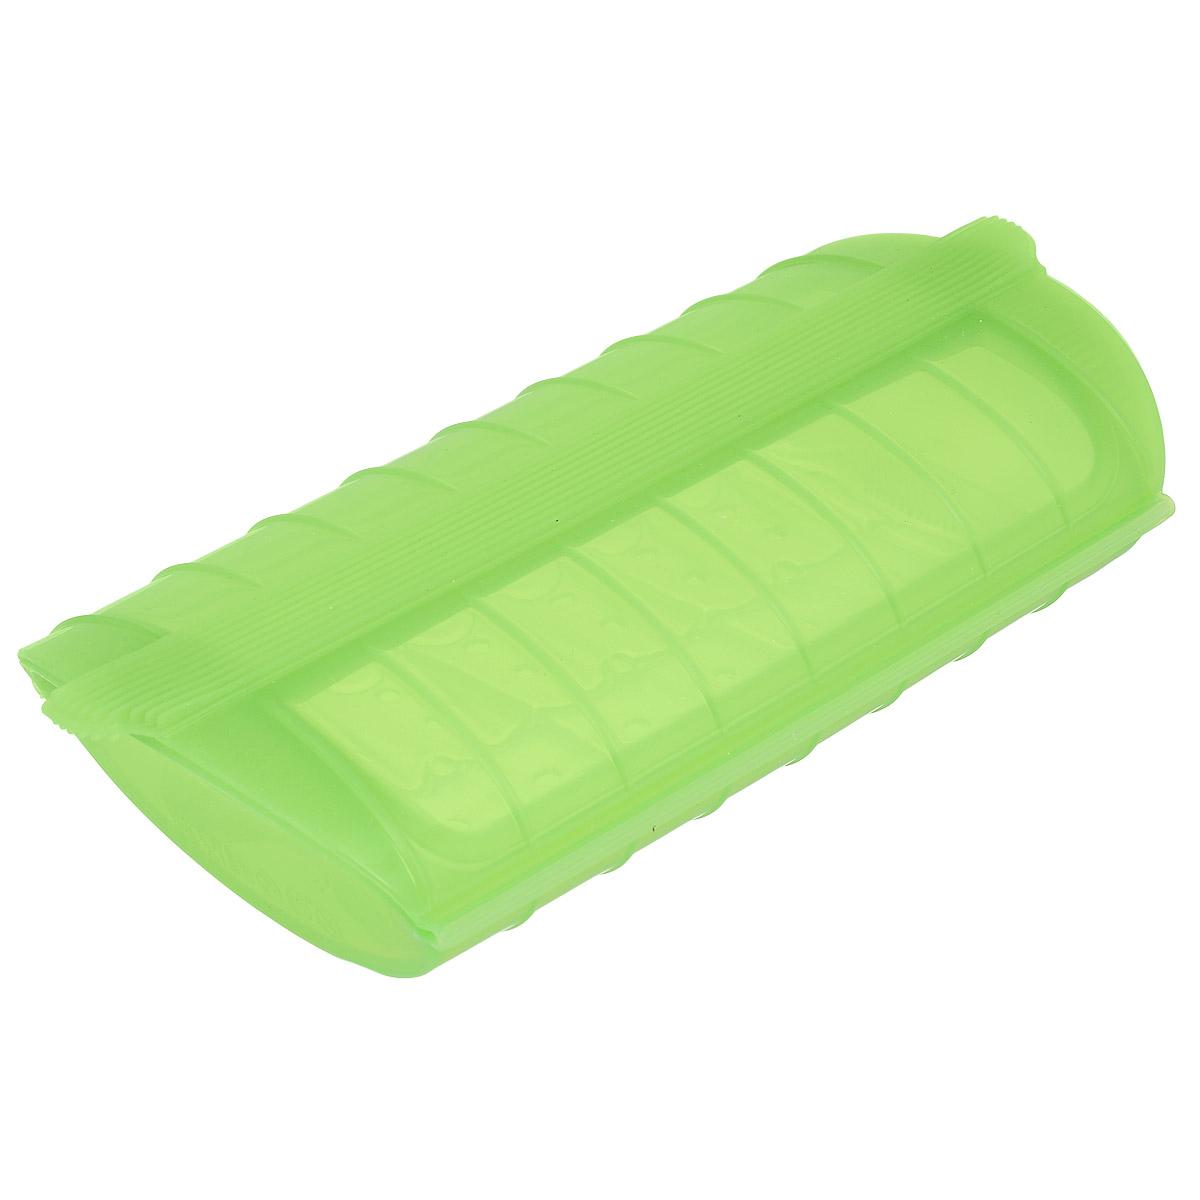 Конверт для запекания Lekue, силиконовый, цвет: салатовый3404600V09U004Конверт для запекания Lekue изготовлен из высококачественного пищевого силикона, который выдерживает температуру от -60°С до +220°С. Благодаря особым свойствам силикона, продукты остаются такими же сочными, не пригорают и равномерно пропекаются. Конверт делает оптимальным приготовление пищевых продуктов, делая более интенсивным вкус каждого из них и сохраняя все содержащиеся в них питательные вещества. Для конверта предусмотрен съемный внутренний поддон-решетка, который позволит стечь лишнему жиру и соку во время размораживания, хранения и приготовления. Приготовление пищи можно производить с поддоном или без него, в зависимости от желаемого результата. Конверт закрывается, поэтому жир не разбрызгивается по стенкам духовки. Приготовленное блюдо легко вынимается из конверта и позволяет приготовить одновременно до четырех порций. Идеально подходит для приготовления мяса, курицы или рыбы. В дополнение к основным достоинствам конверта для запекания с поддоном - он невероятно практичен и легко моется как традиционным способом, так и в посудомоечной машине. Можно использовать в духовке и микроволновой печи.